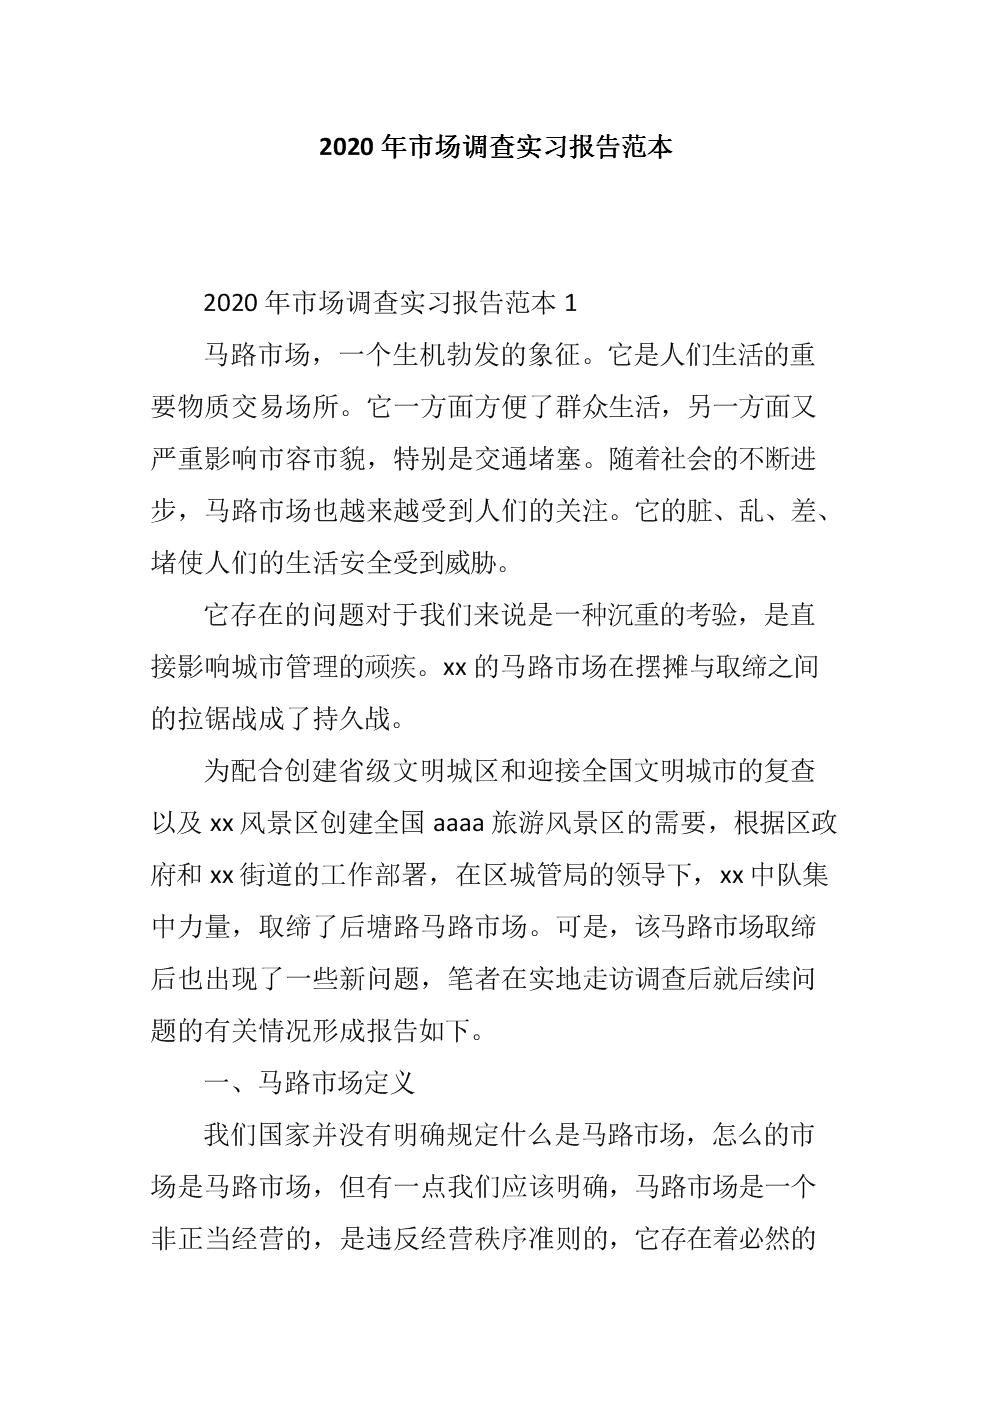 2020年市场调查实习报告范本.doc